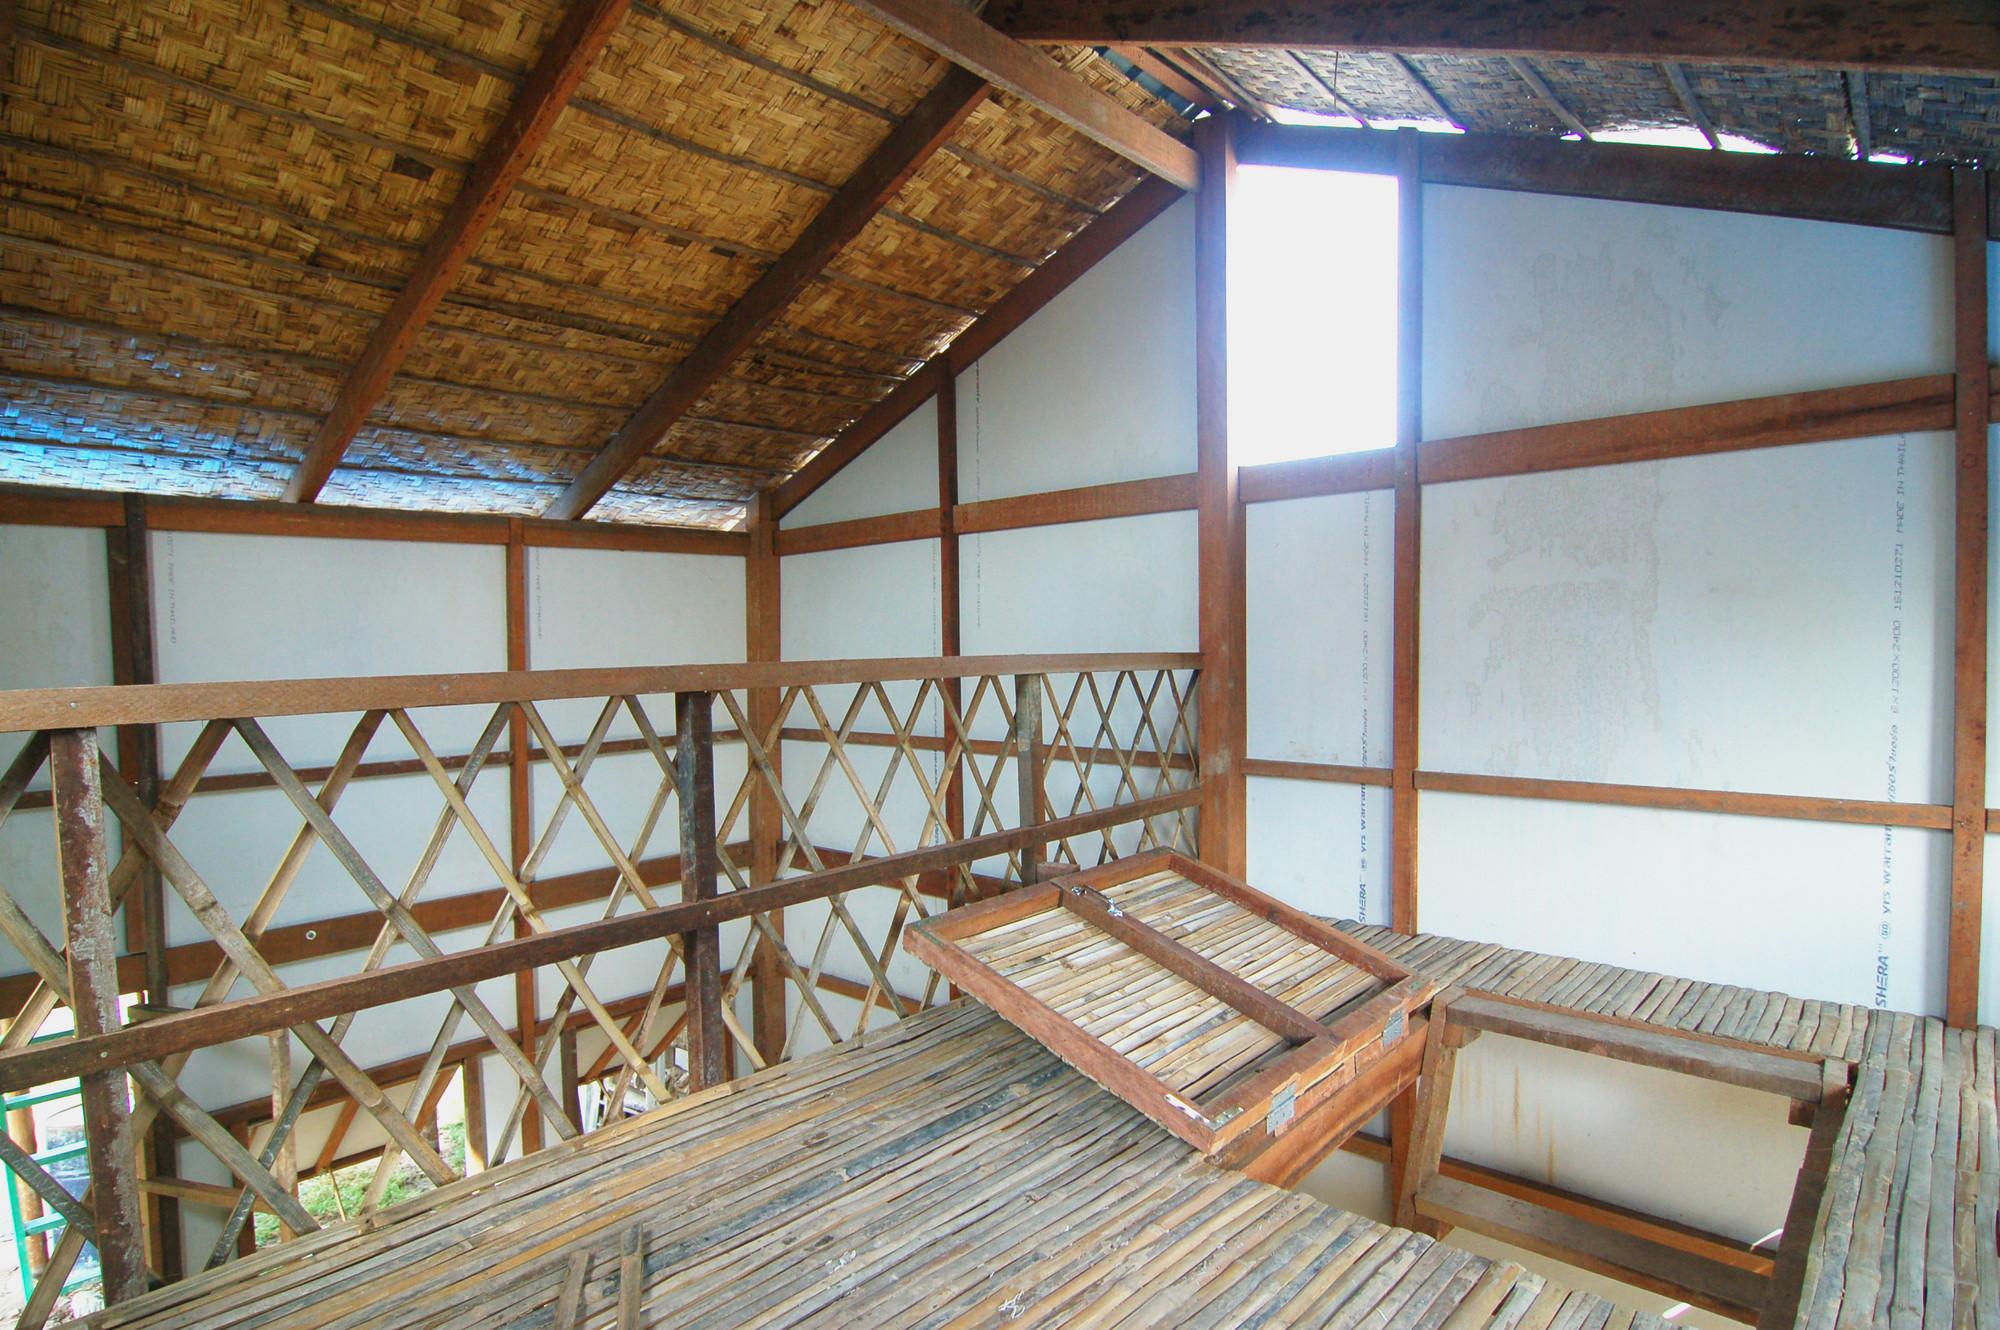 Prototype Housing I / Collective Studio, Bamboo strip loft with hatch door